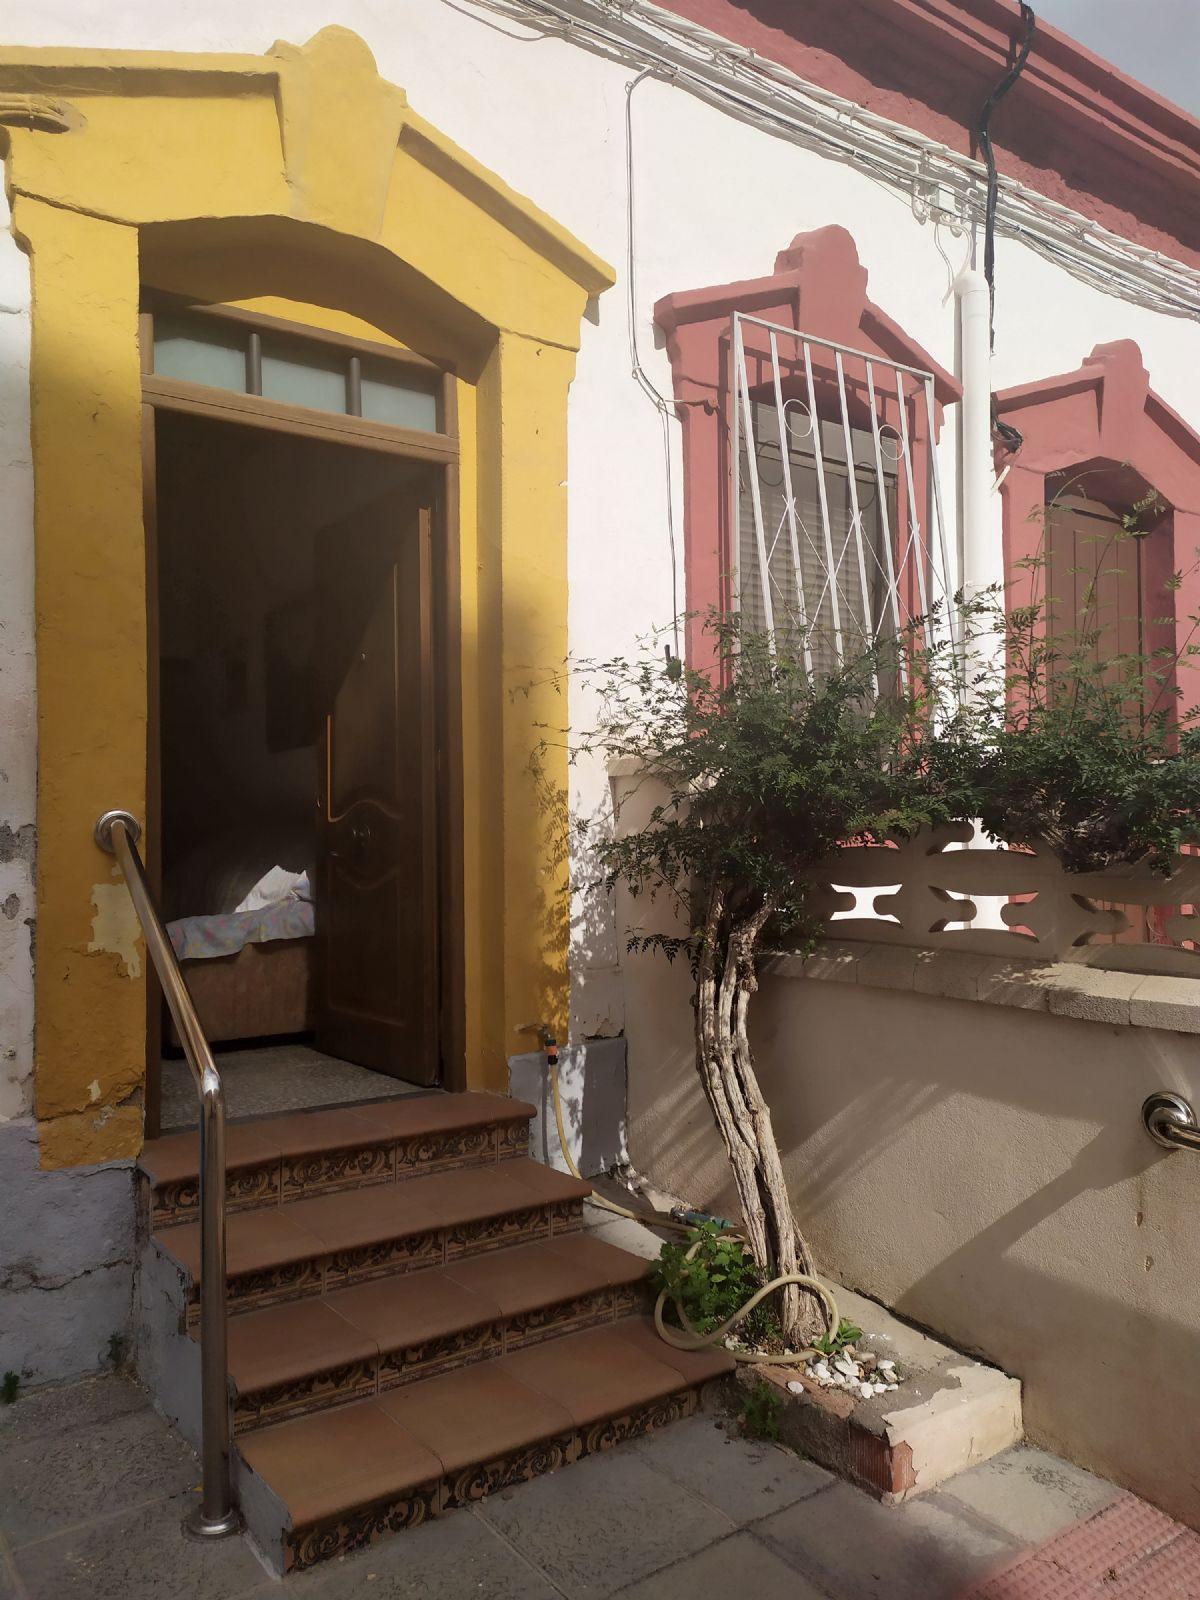 Casa en venta en 40002, Almería, Almería, Calle Paseo de la Caridad, 69.000 €, 2 habitaciones, 1 baño, 88 m2